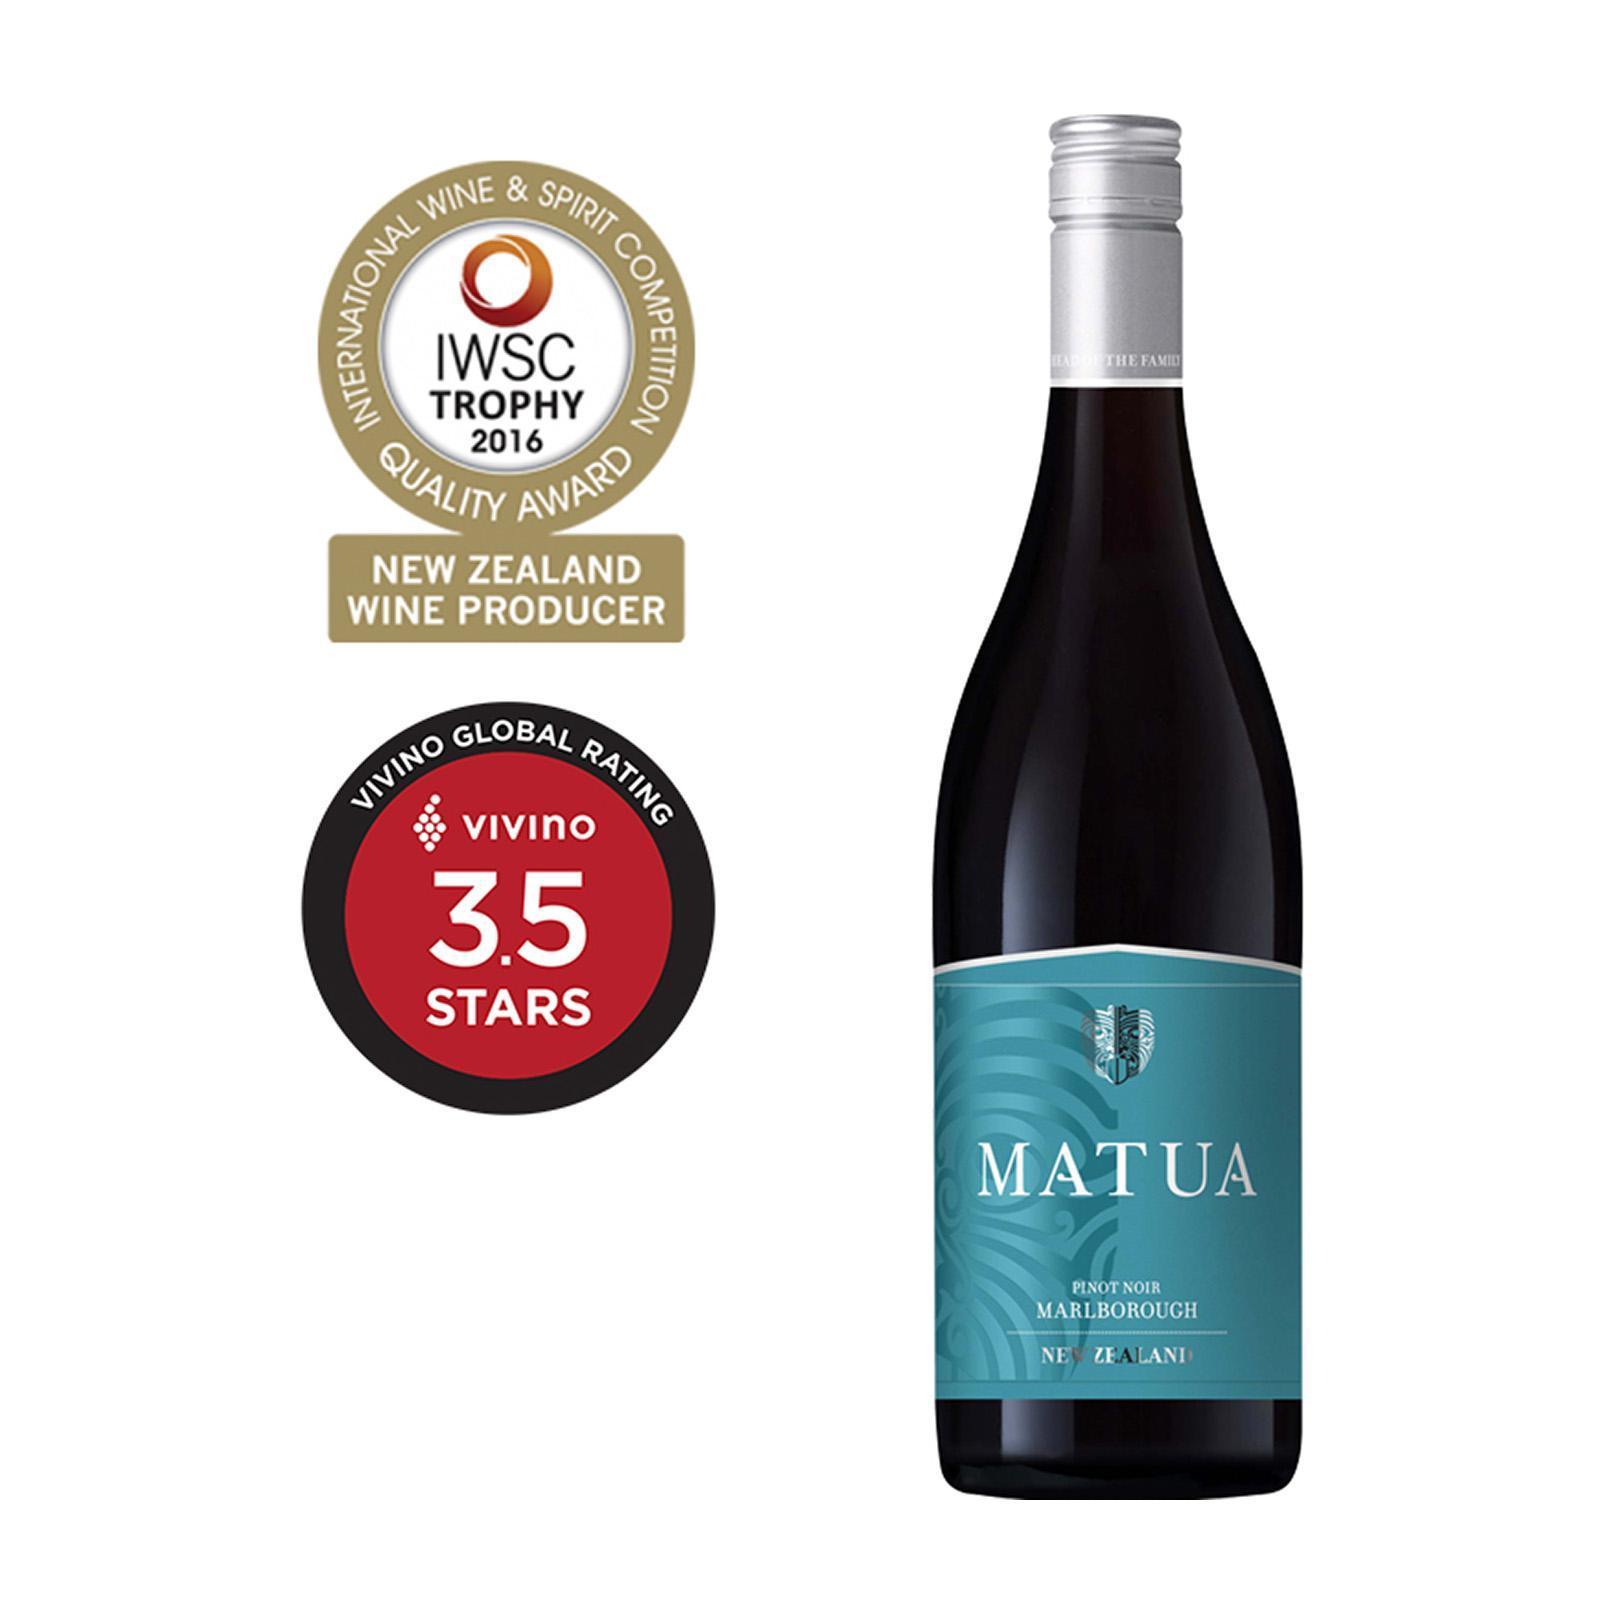 Matua Valley Marlborough Pinot Noir Red Wine